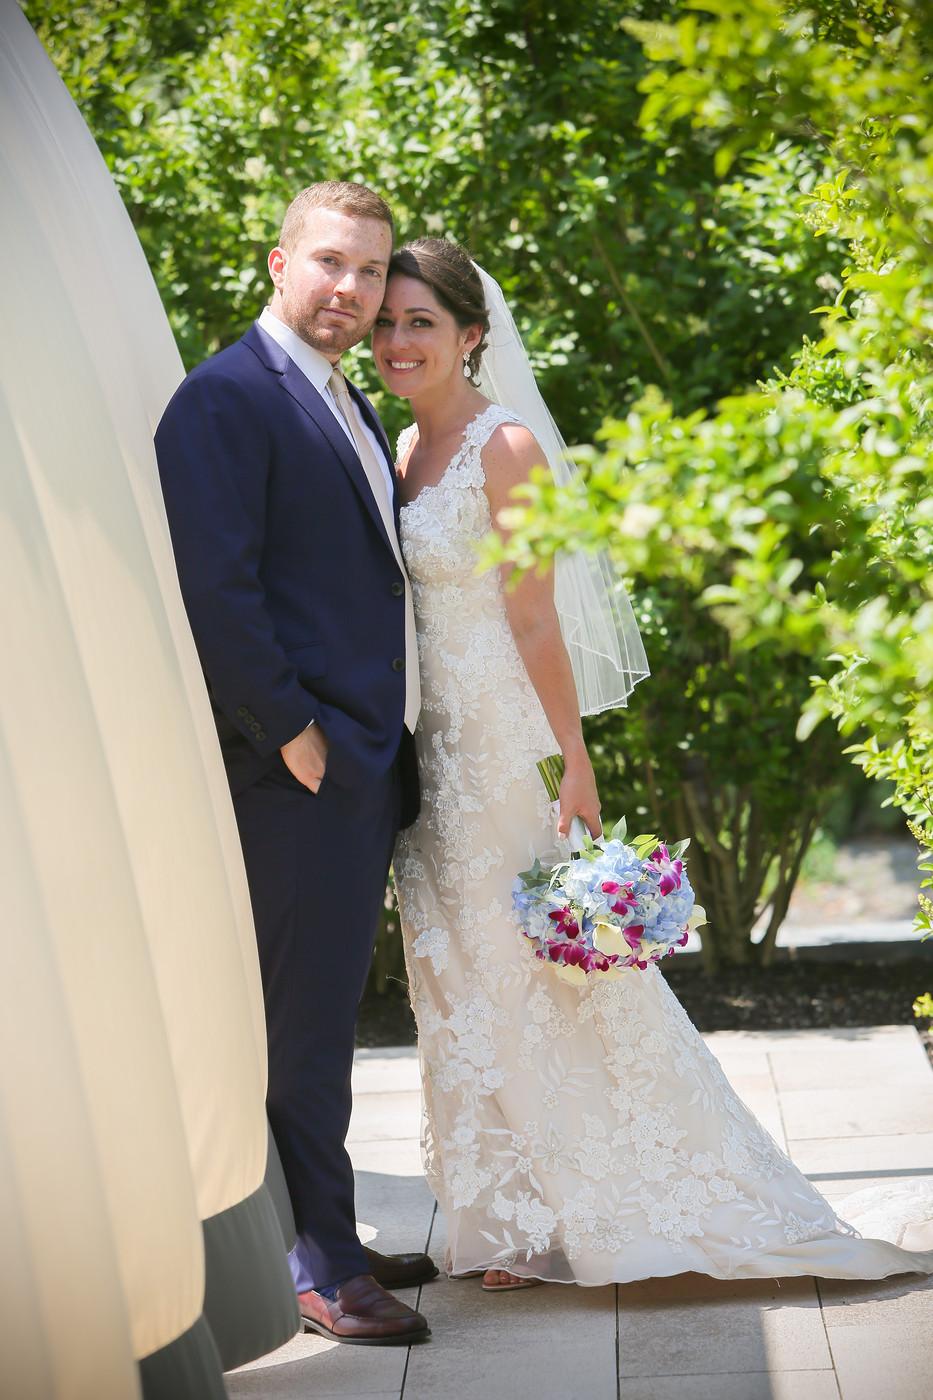 Daisy sheppard wedding